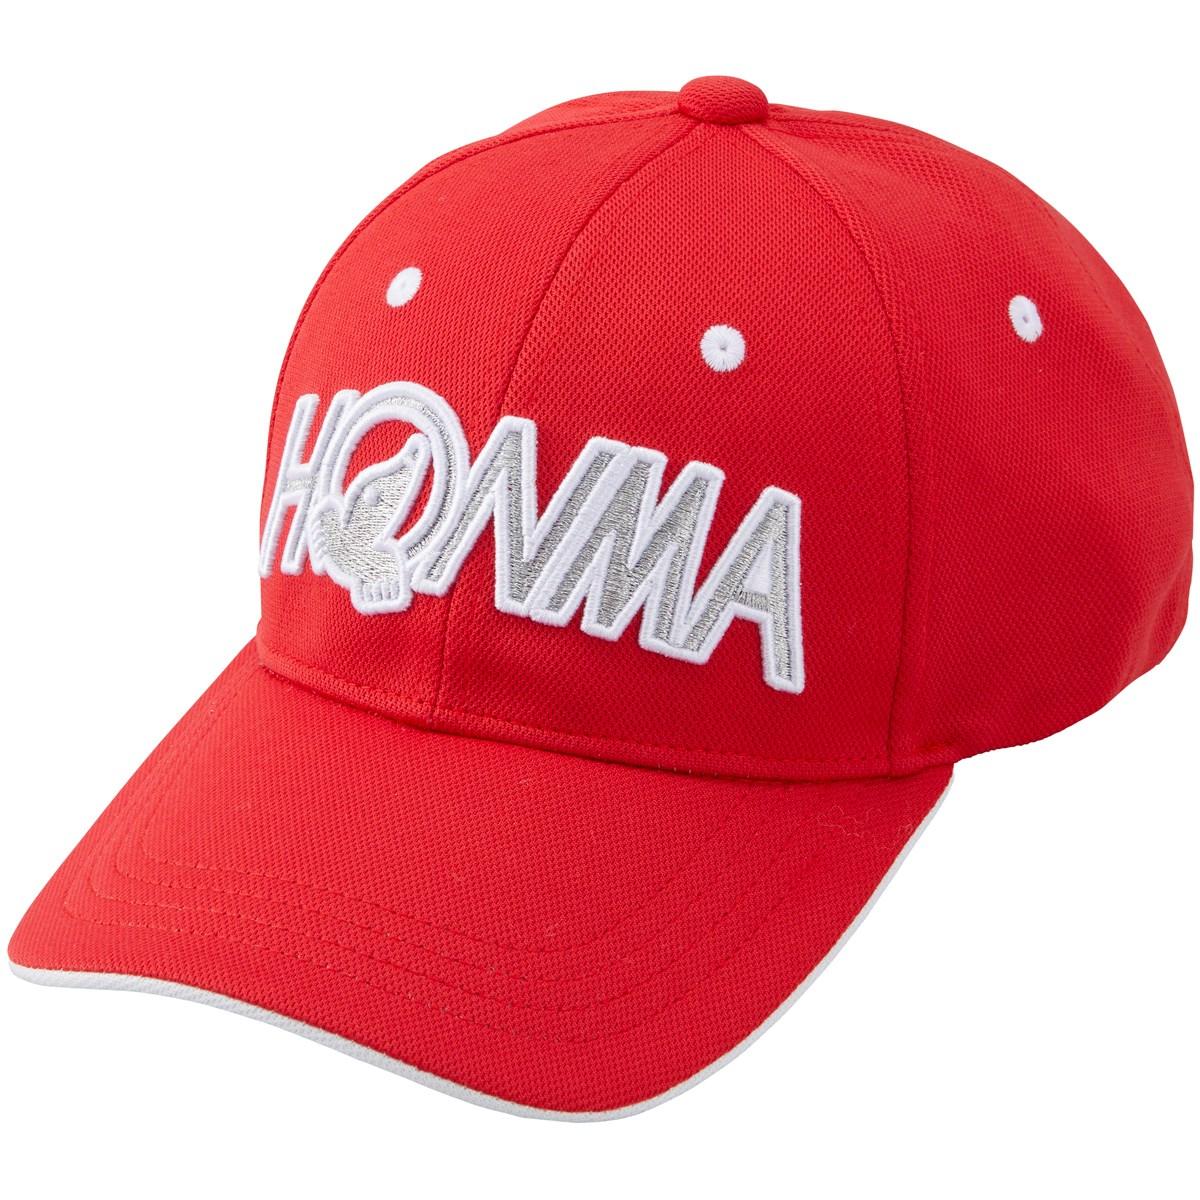 本間ゴルフ(HONMA GOLF) Regular LINE キャップ